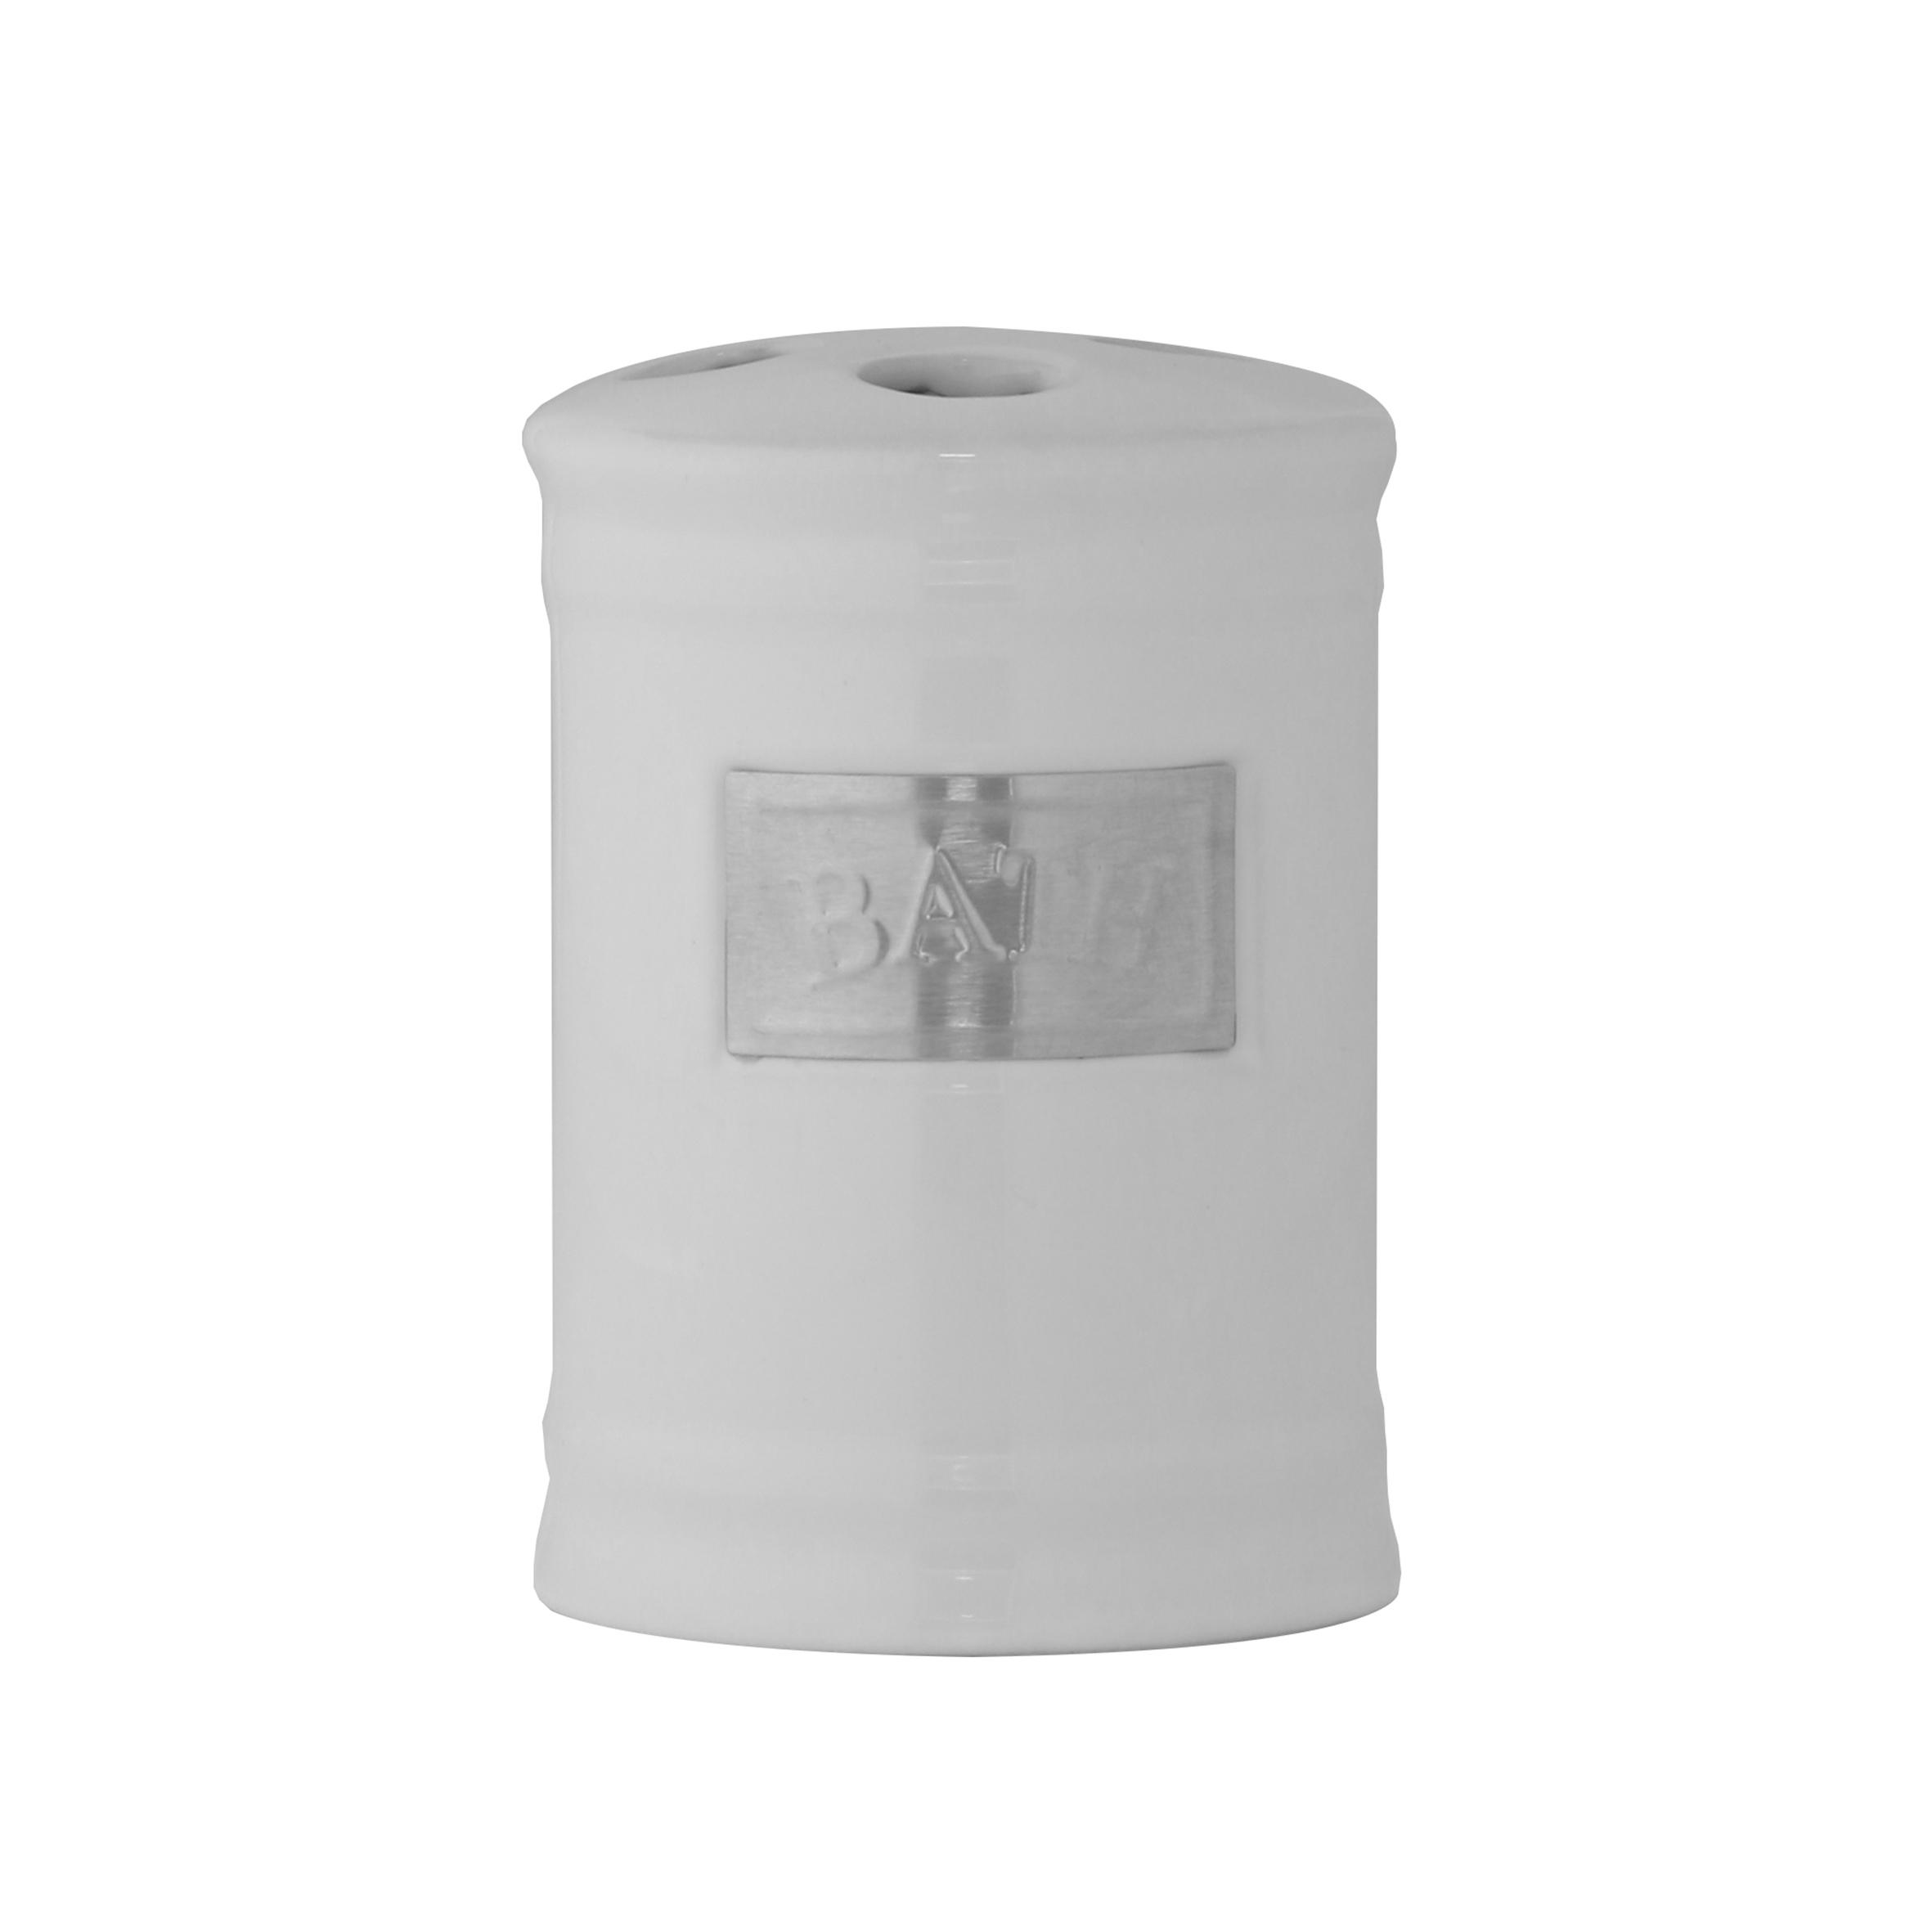 Стакан для зубных щеток Axentia Lyon531-105Стакан для зубных щеток Axentia Lyon выполнен из керамики с элементами из нержавеющей стали в античном стиле. Изделие превосходно дополнит интерьер ванной комнаты.